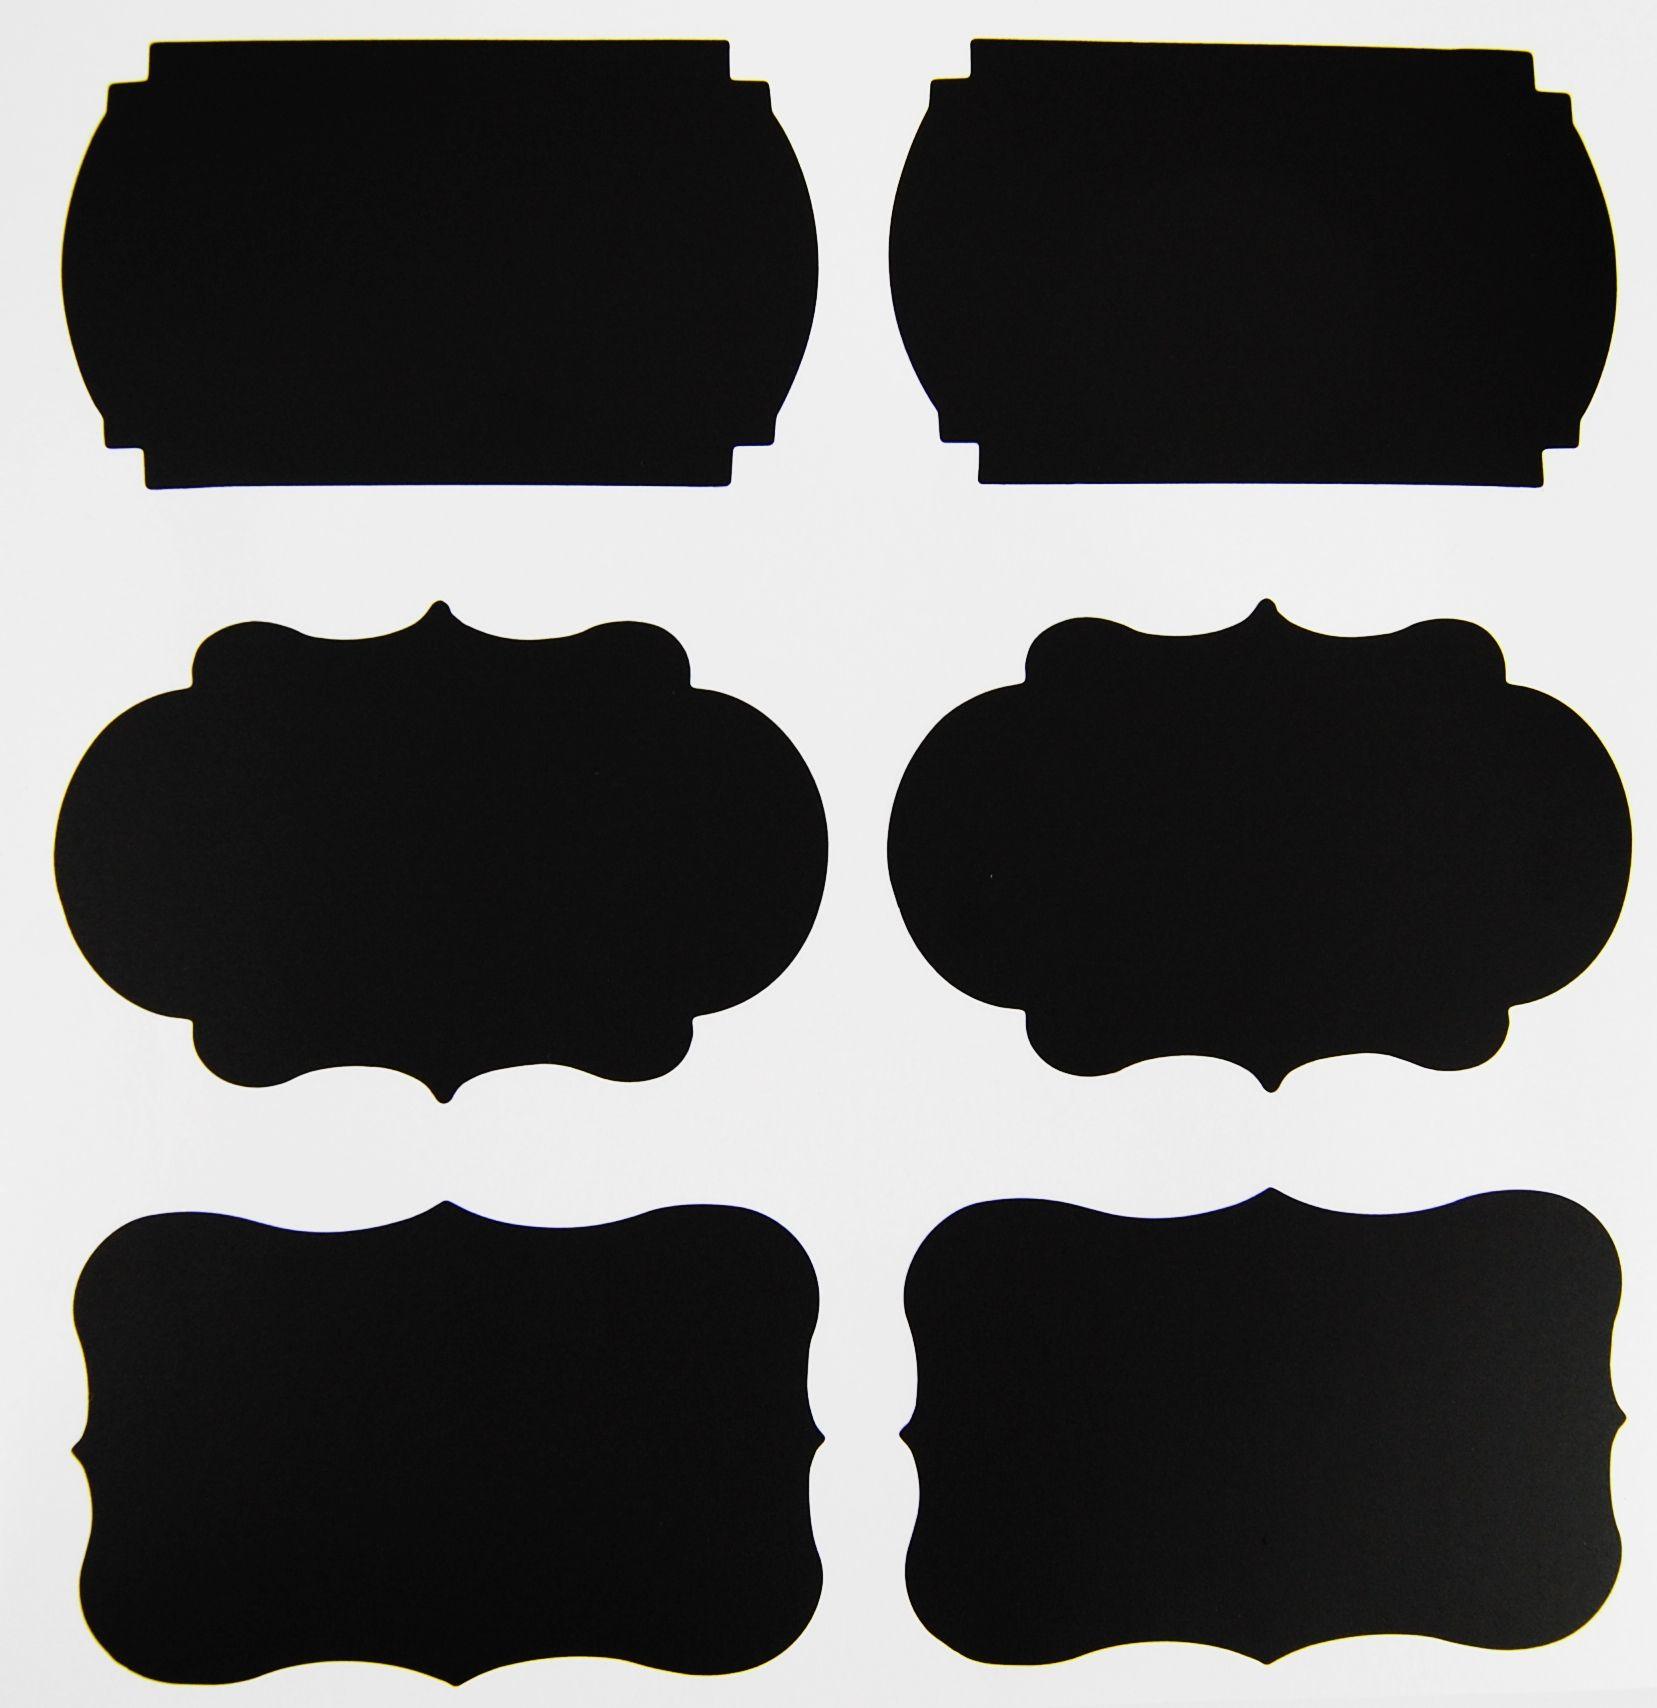 Chalkboard Label Shapes Jpg 1657 1708 Label Shapes Chalkboard Stickers Chalkboard Labels